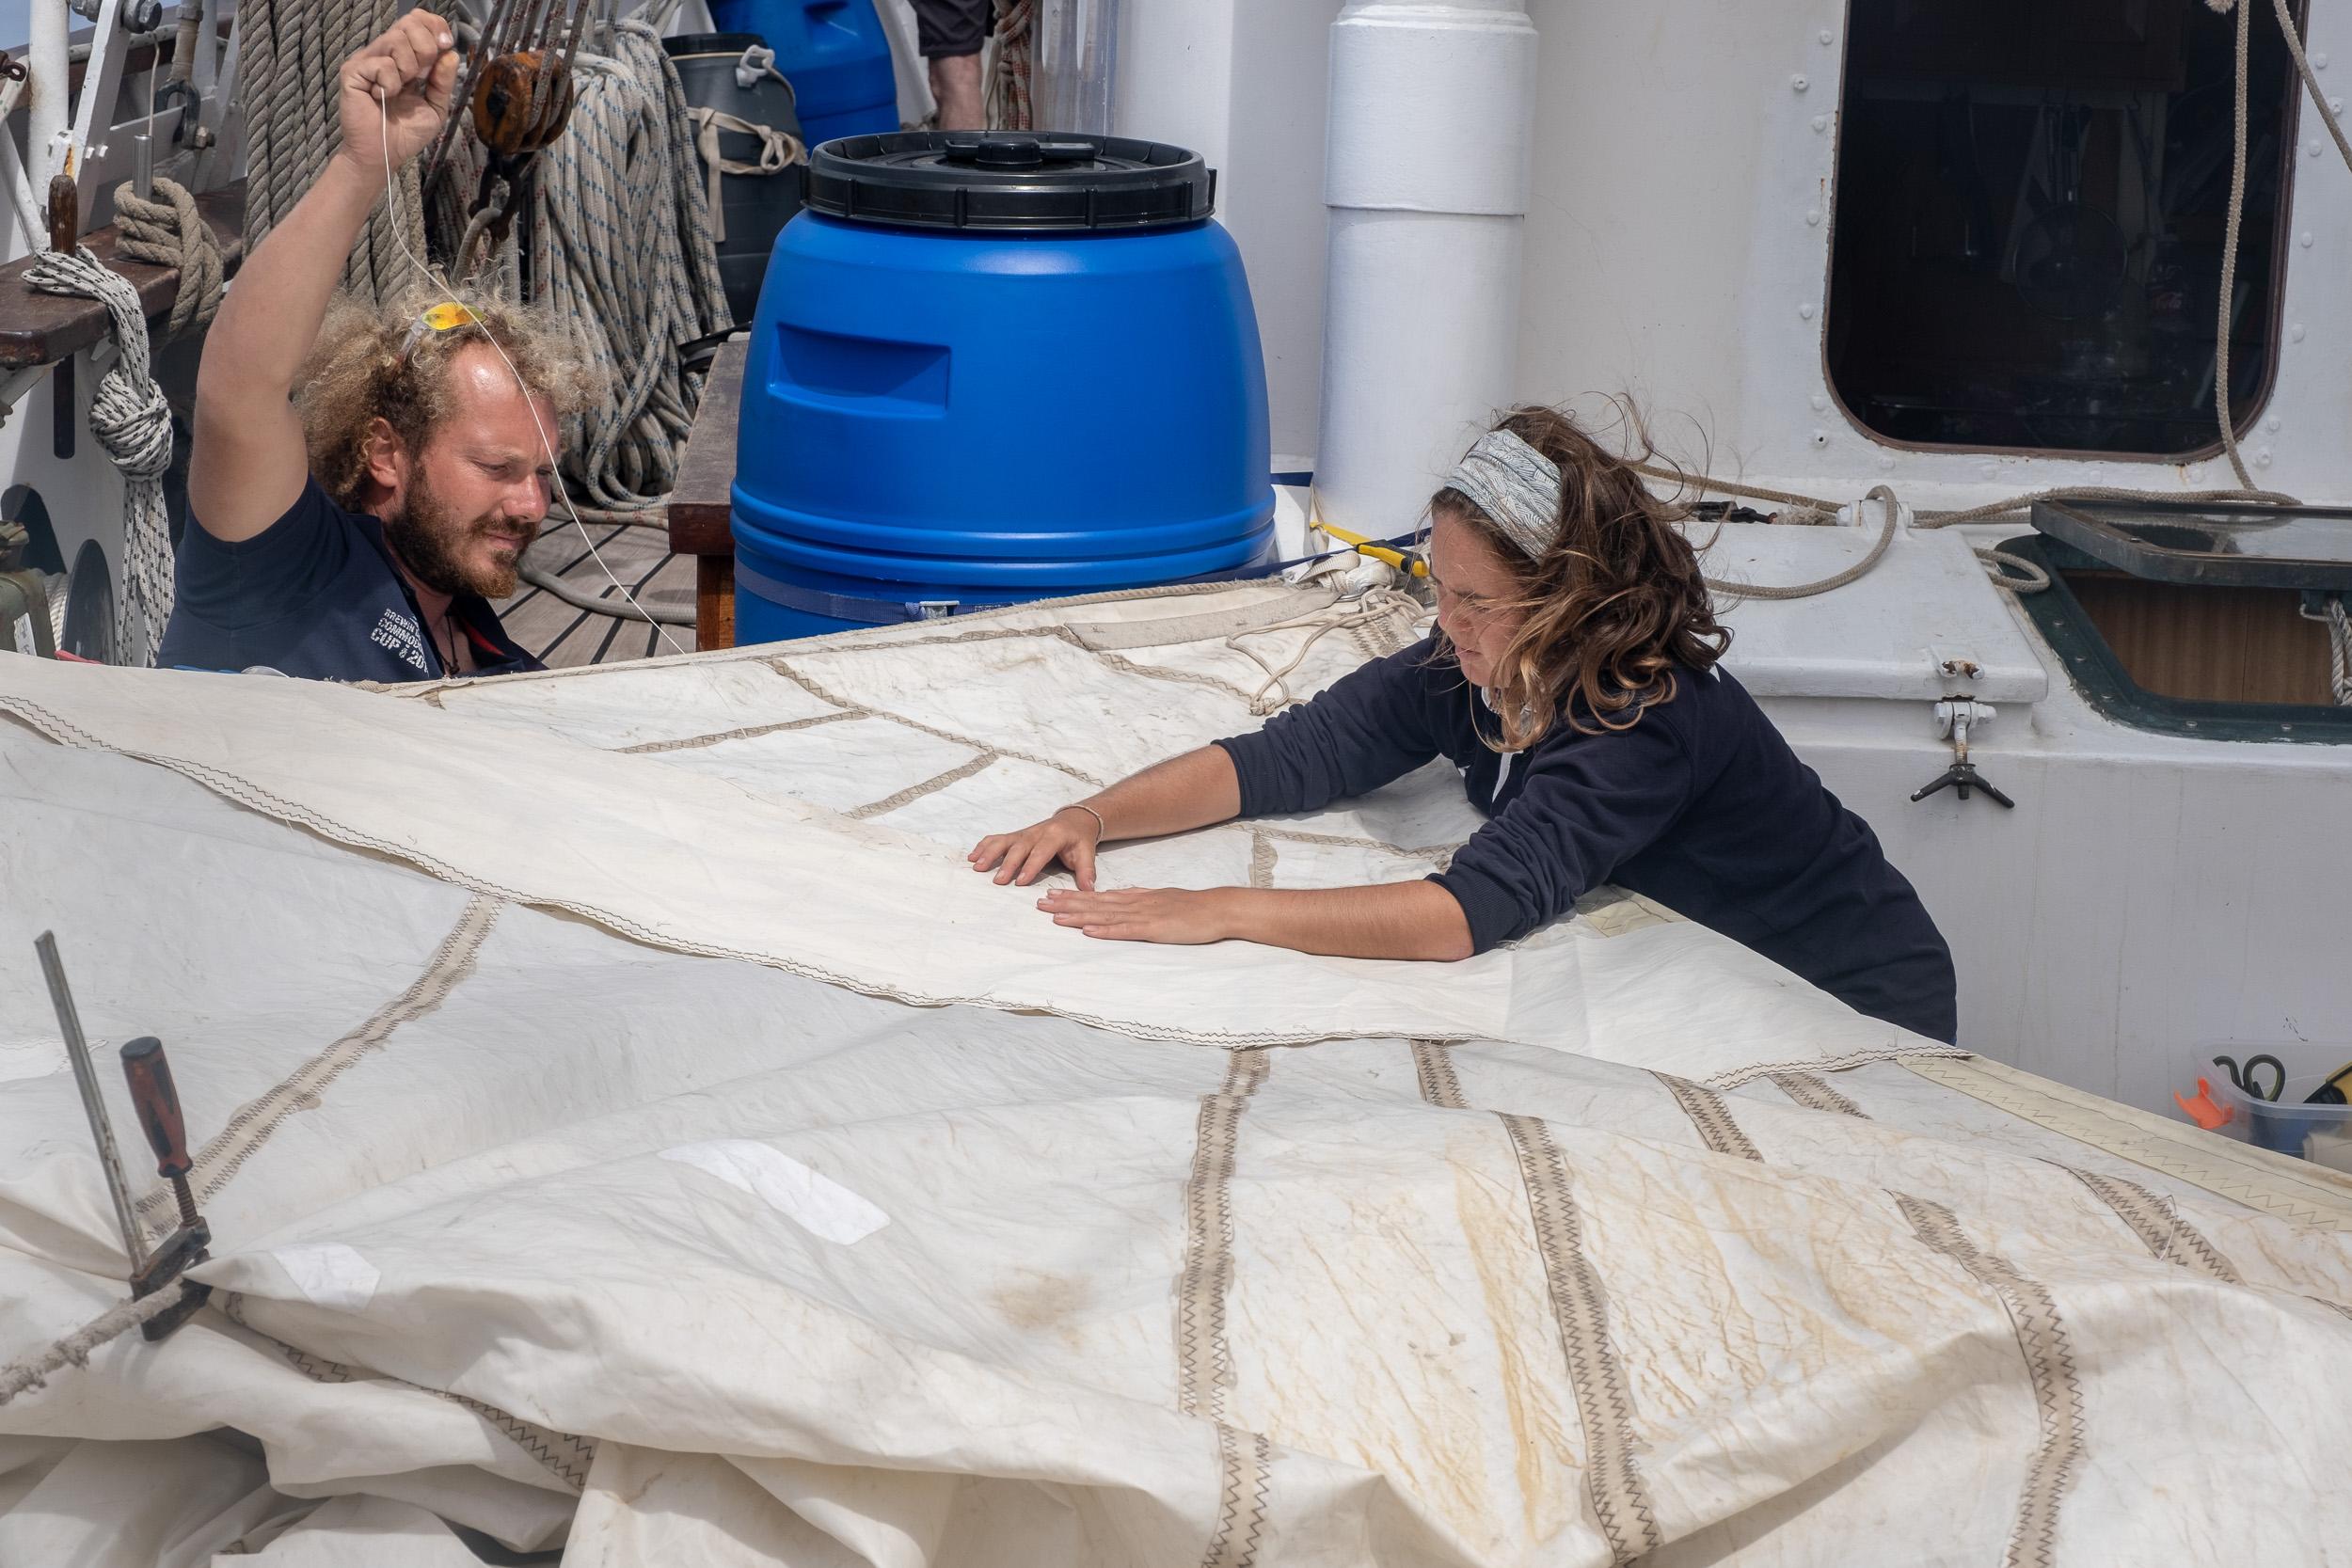 Sail repair at sea